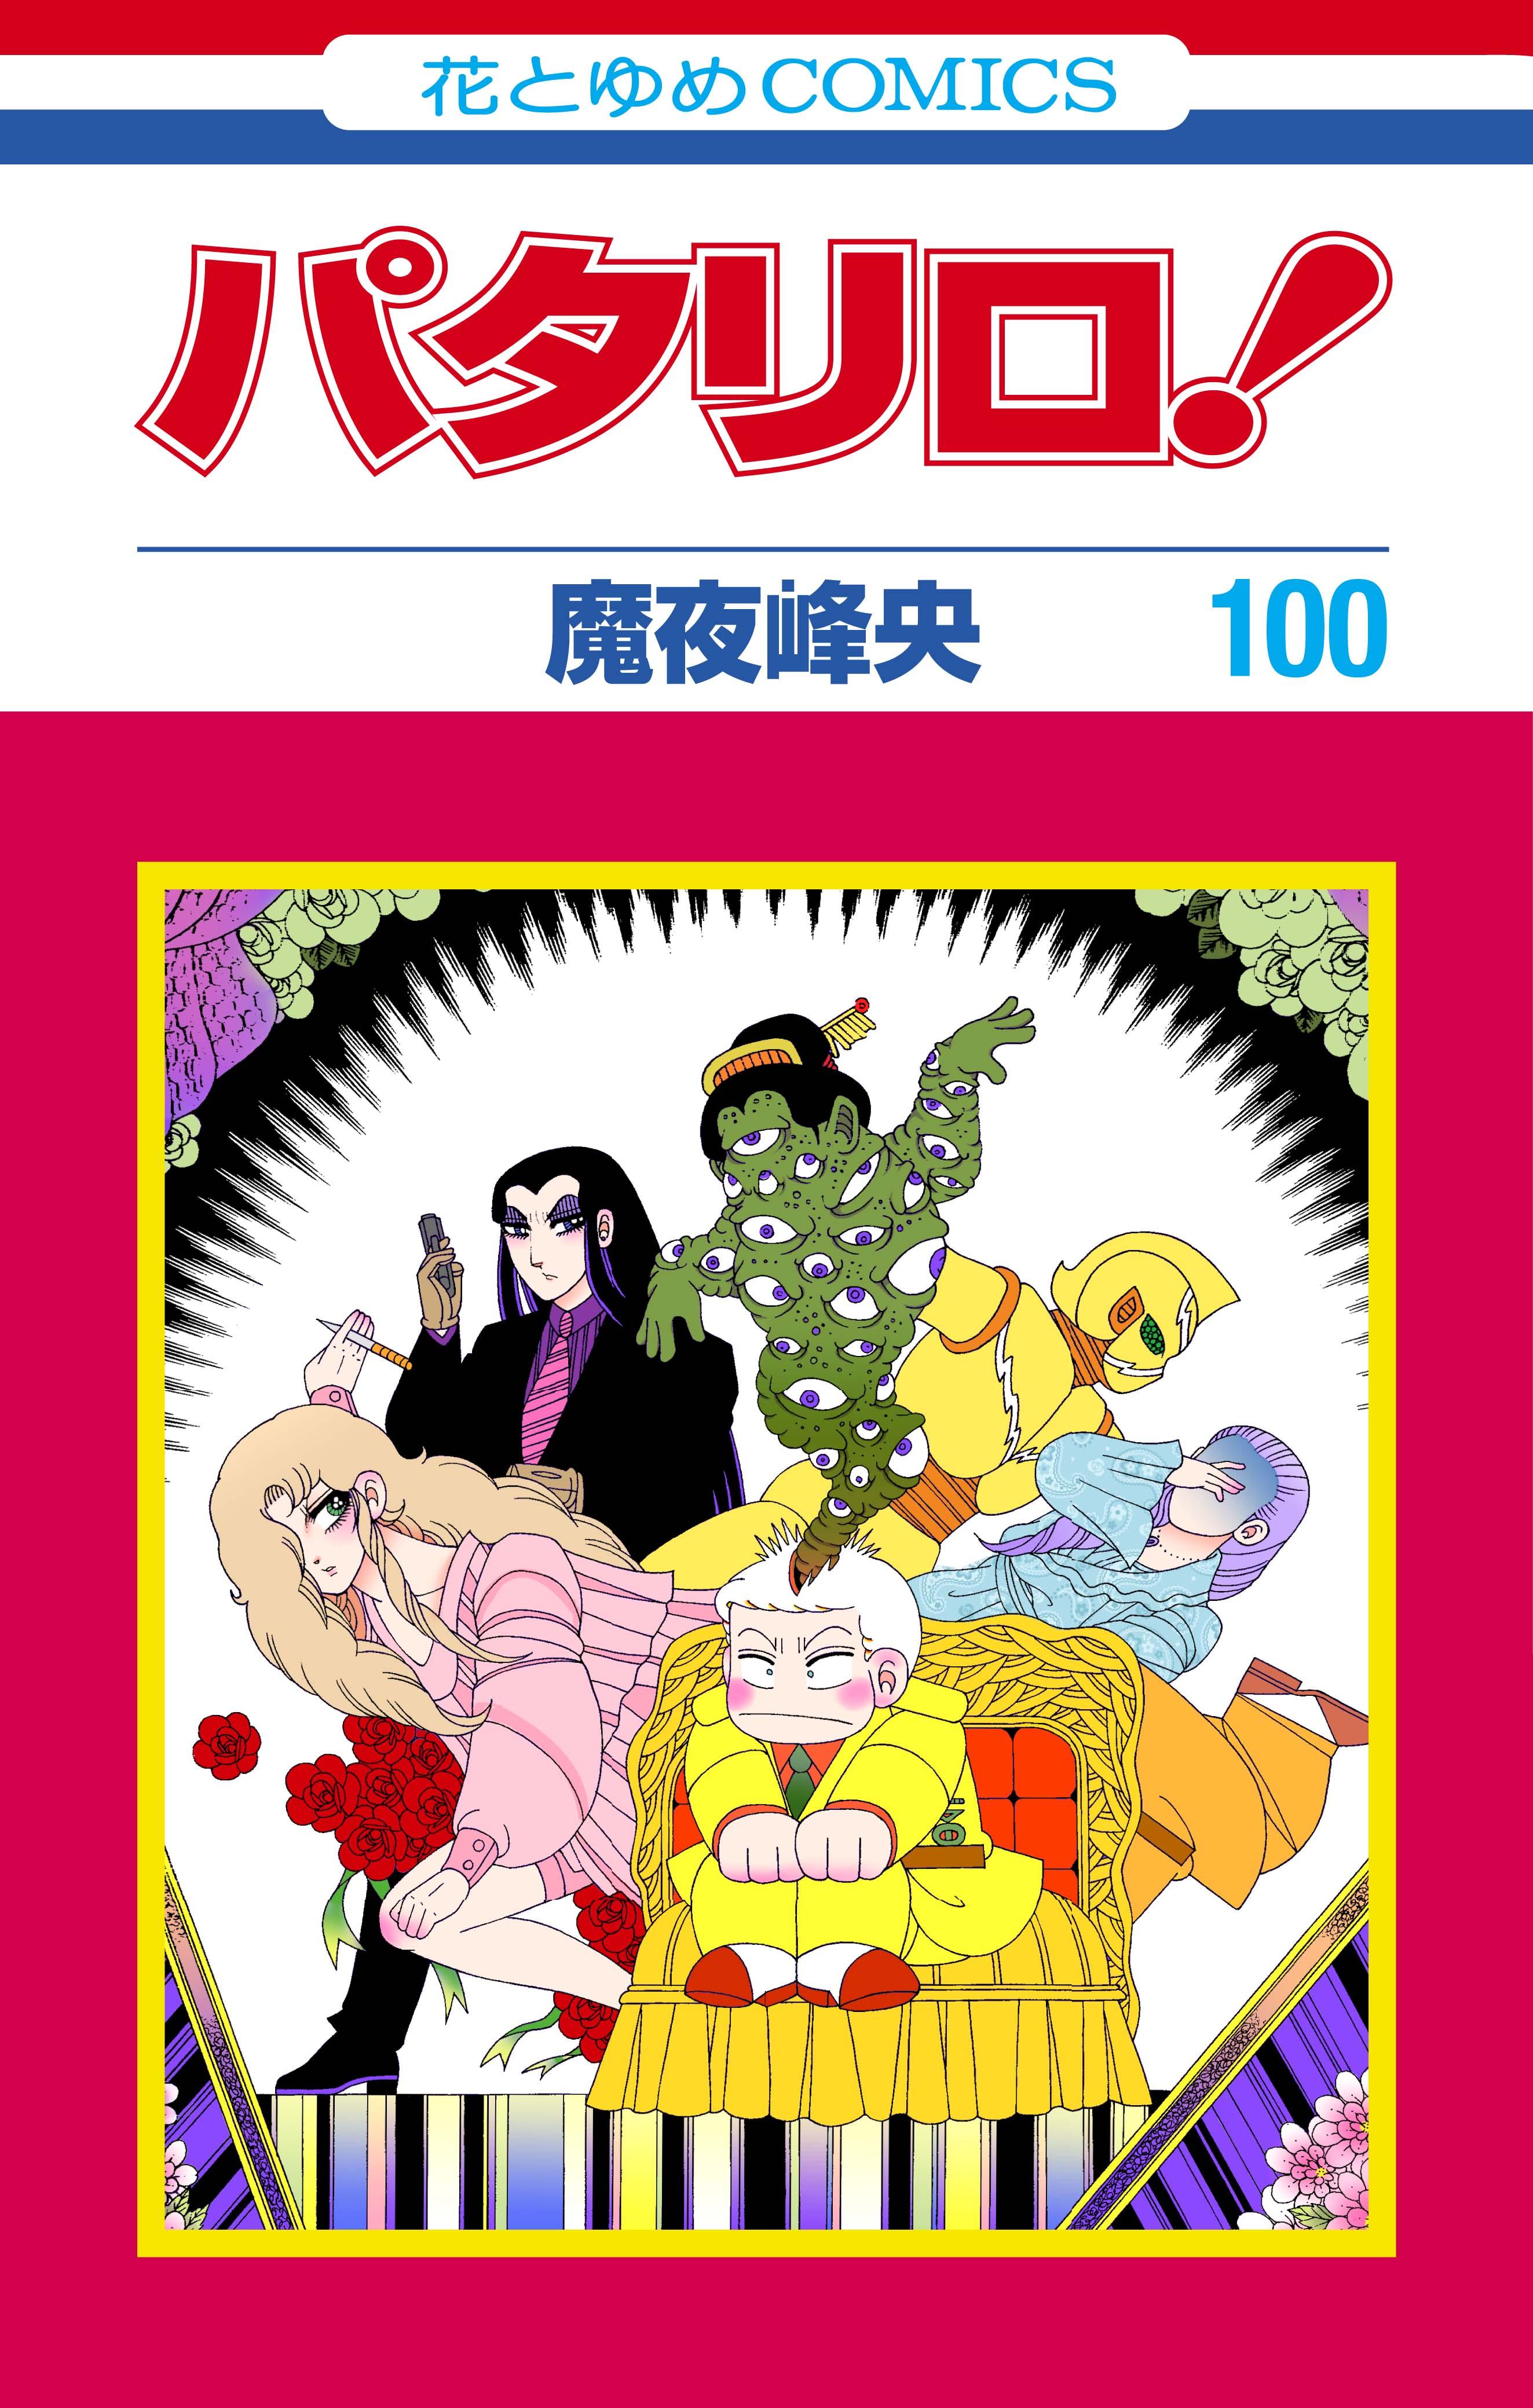 『パタリロ 100巻』発売記念 魔夜峰央先生直筆サイン プレゼントキャンペーン